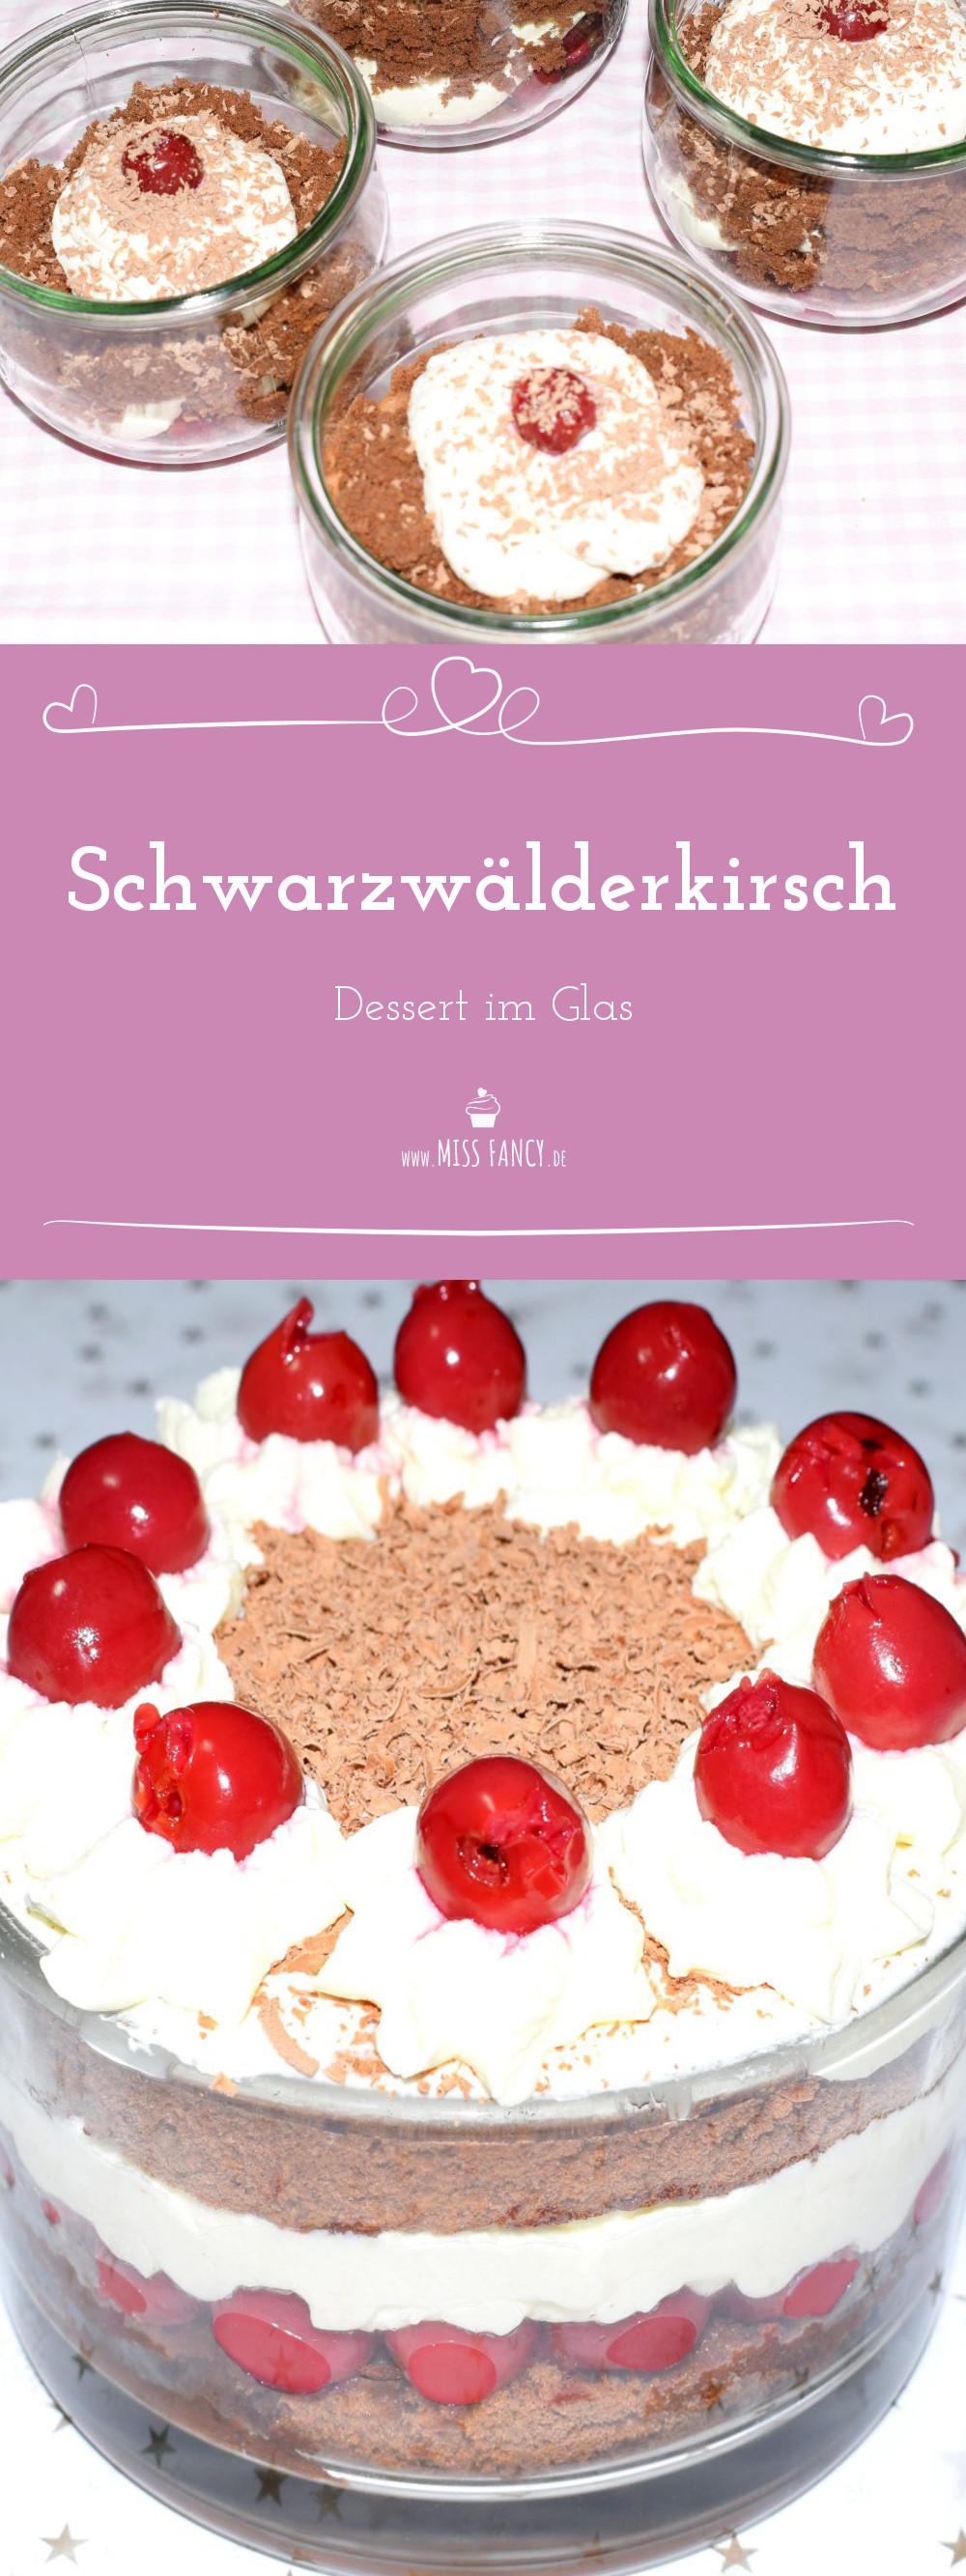 Schwarzwälderkirsch-dessert-missfancy